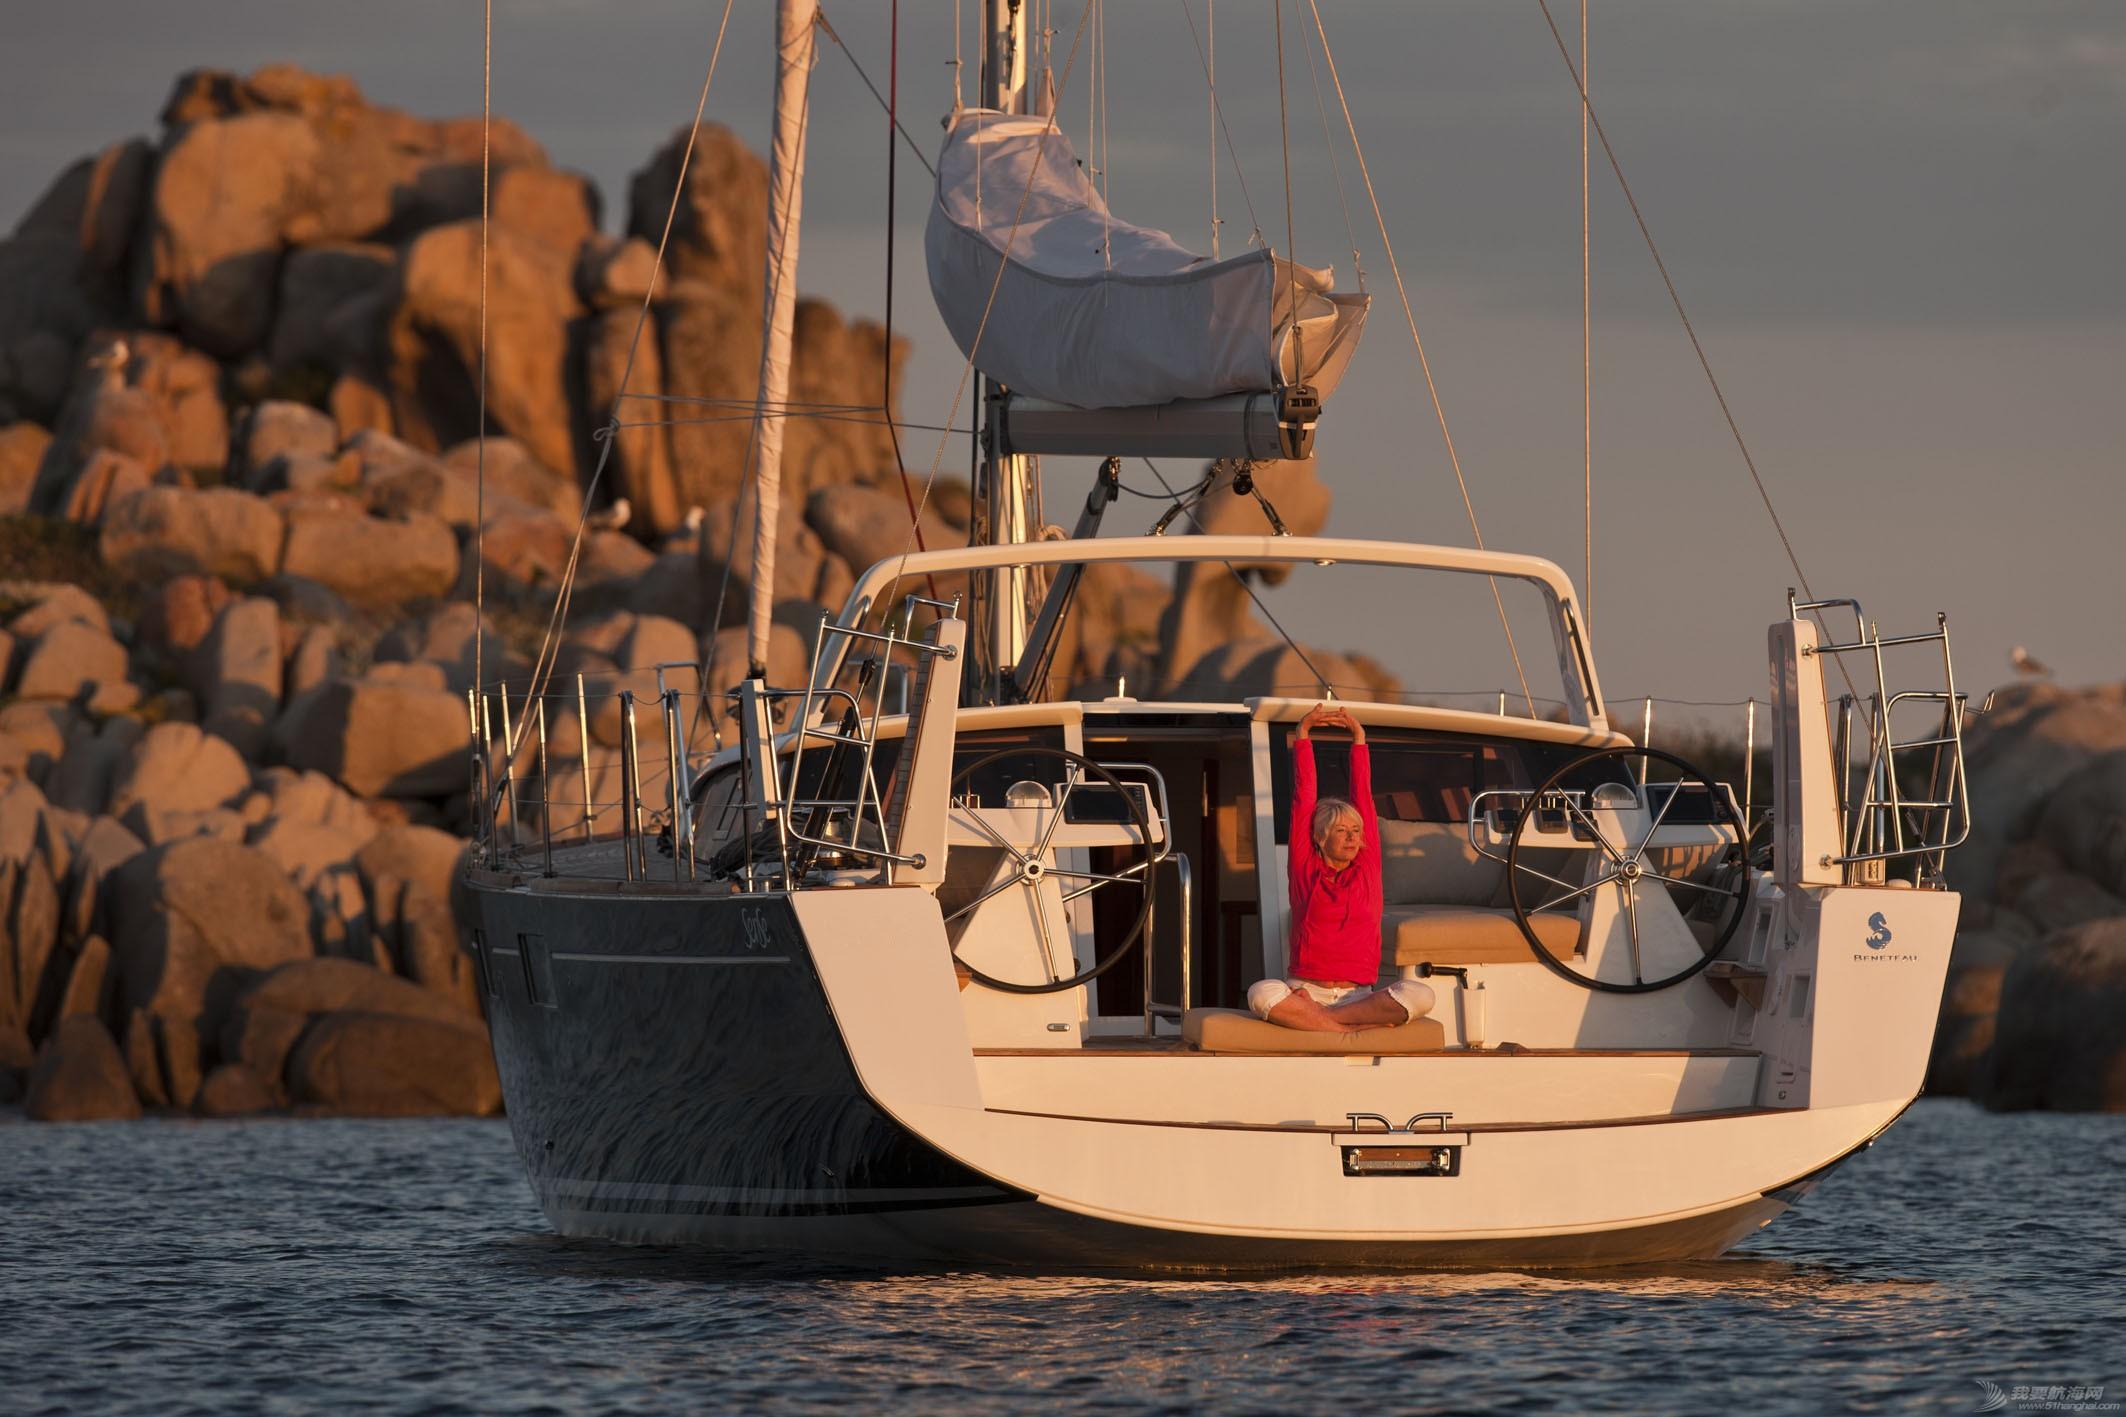 帆船 Beneteau Sense 55 博纳多绅士55英尺单体帆船 博纳多绅士55英尺单体帆船